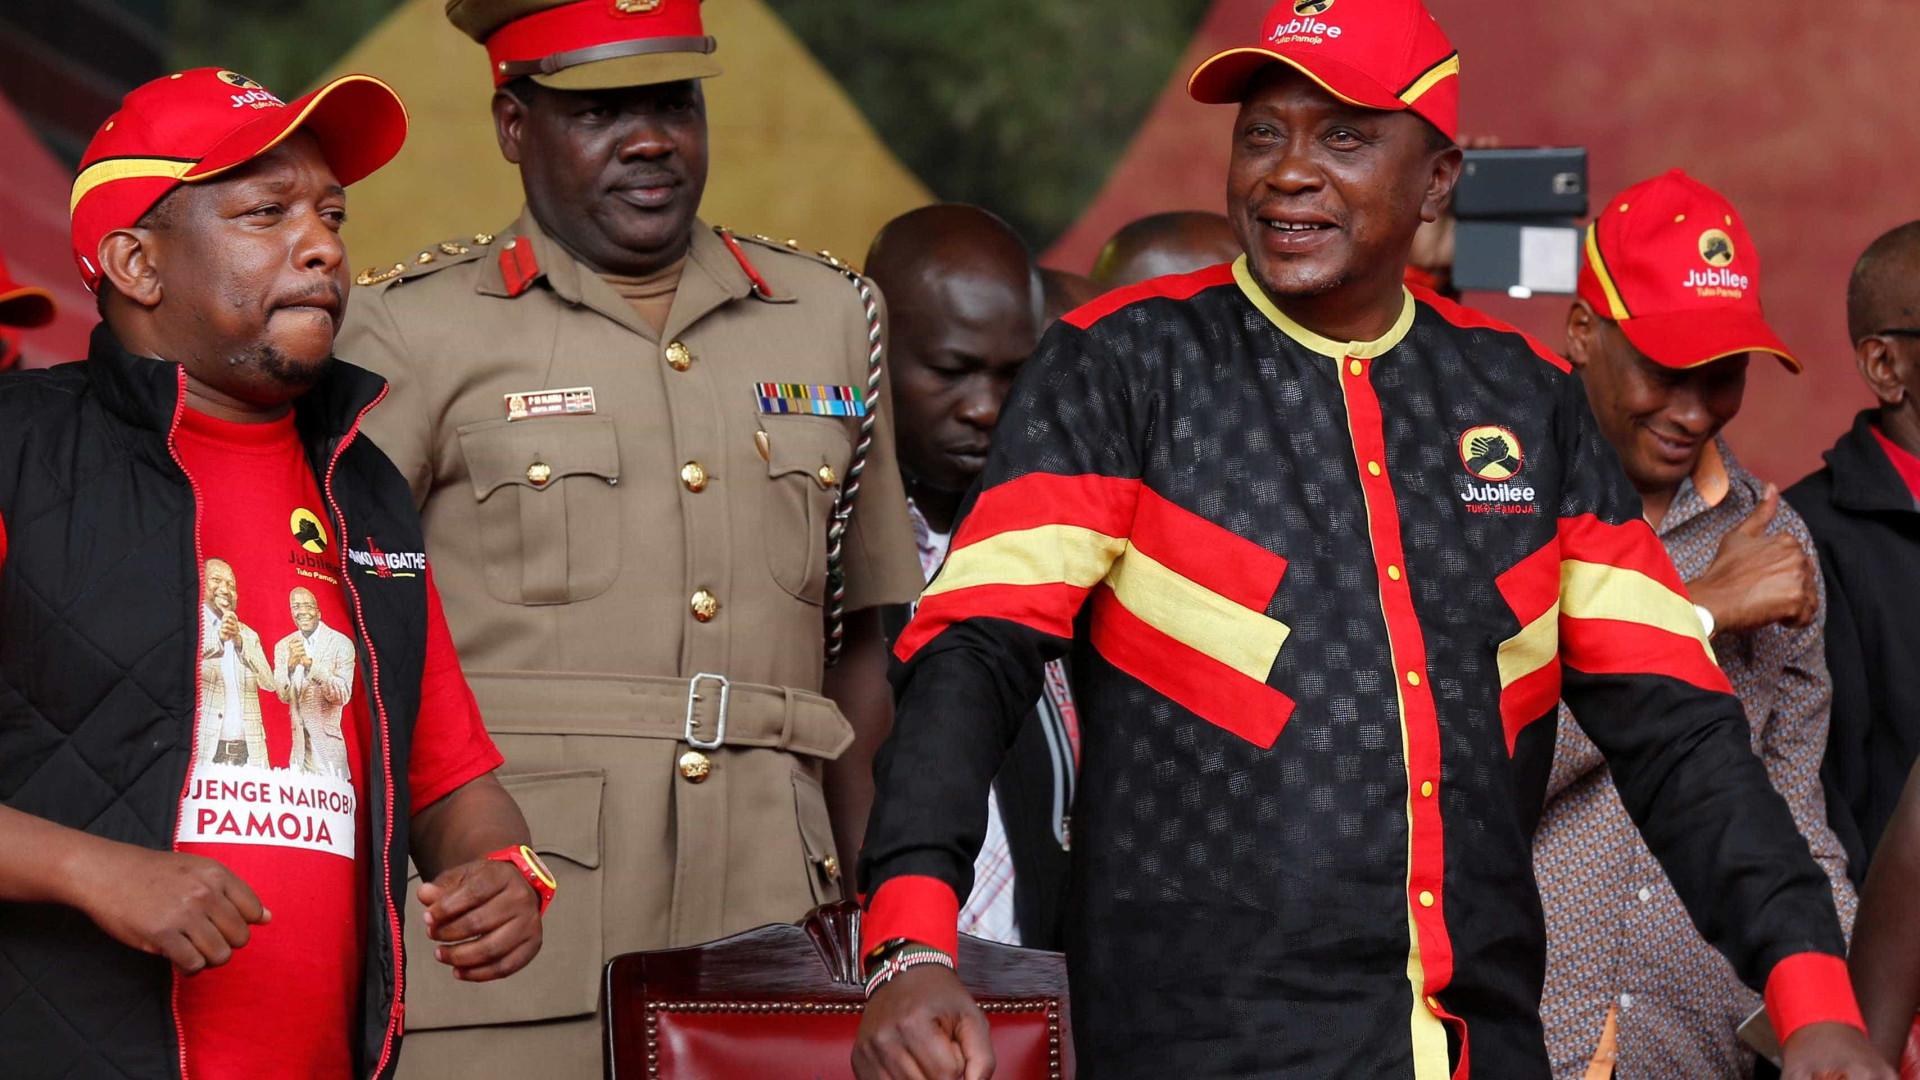 Decisão inédita do Supremo Tribunal anula eleição presidencial no Quénia